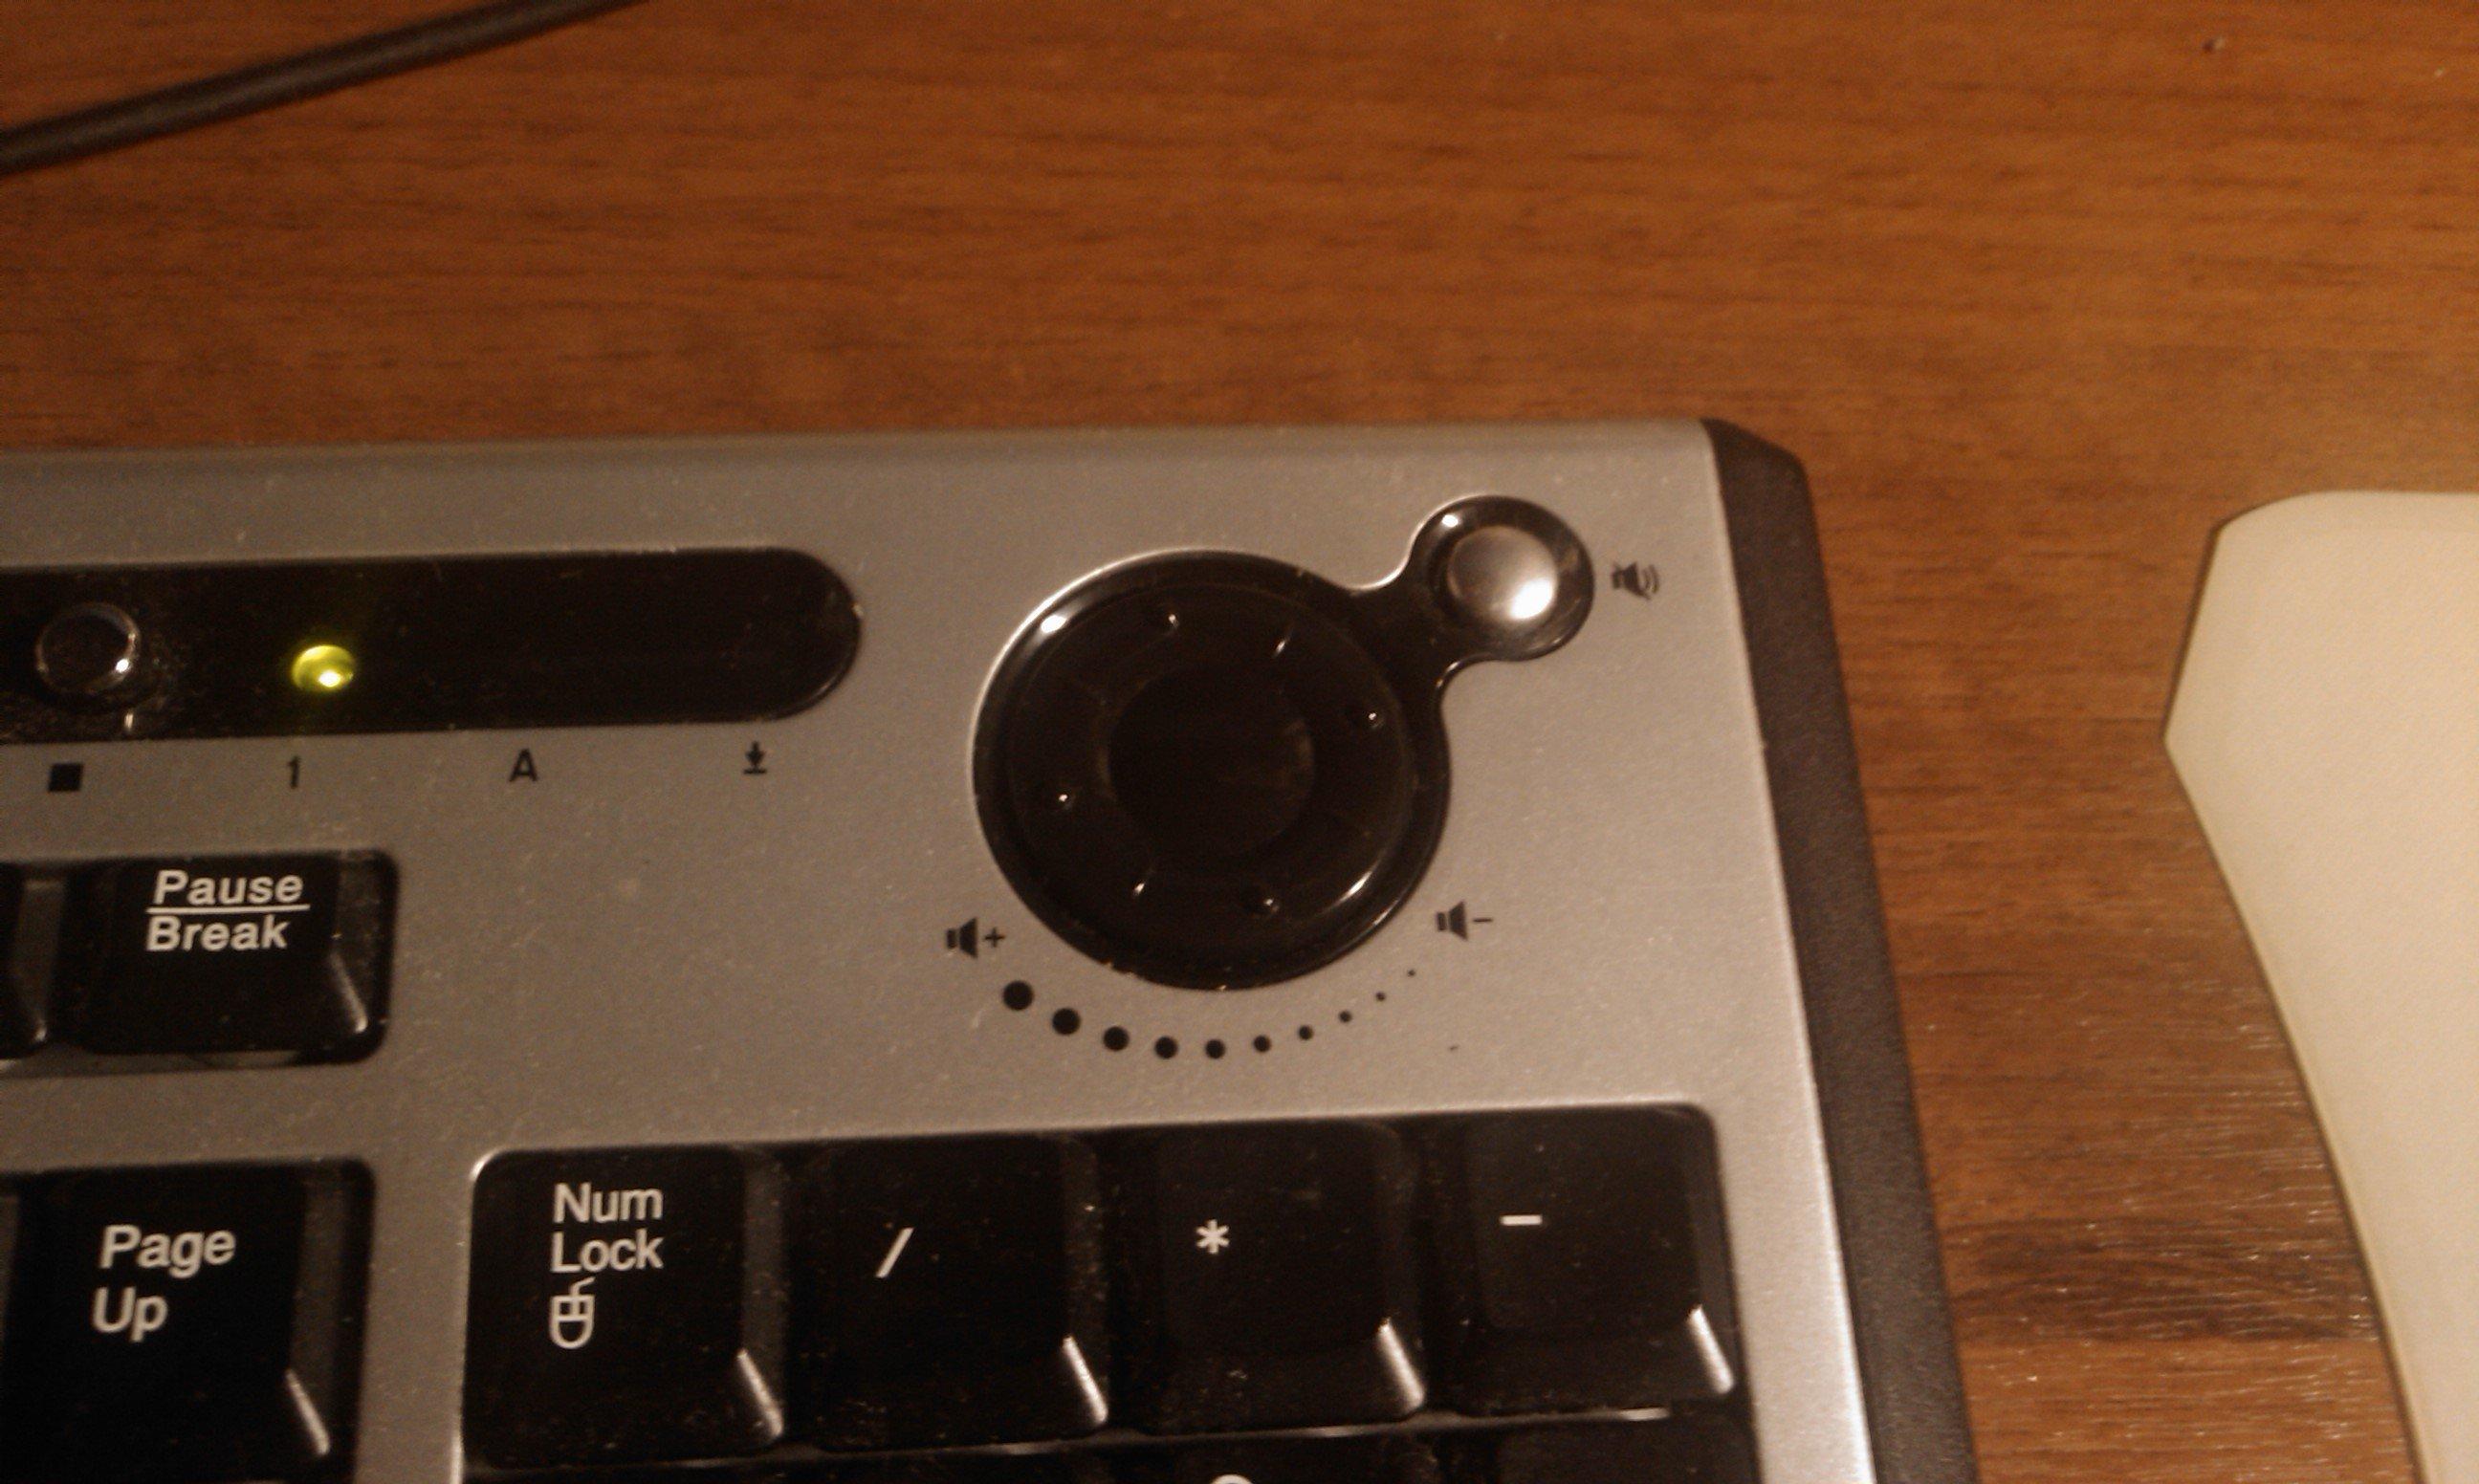 Клавиатуры бывают двух видов: плохие, и с регулятором громкости аналогового типа. - Изображение 1